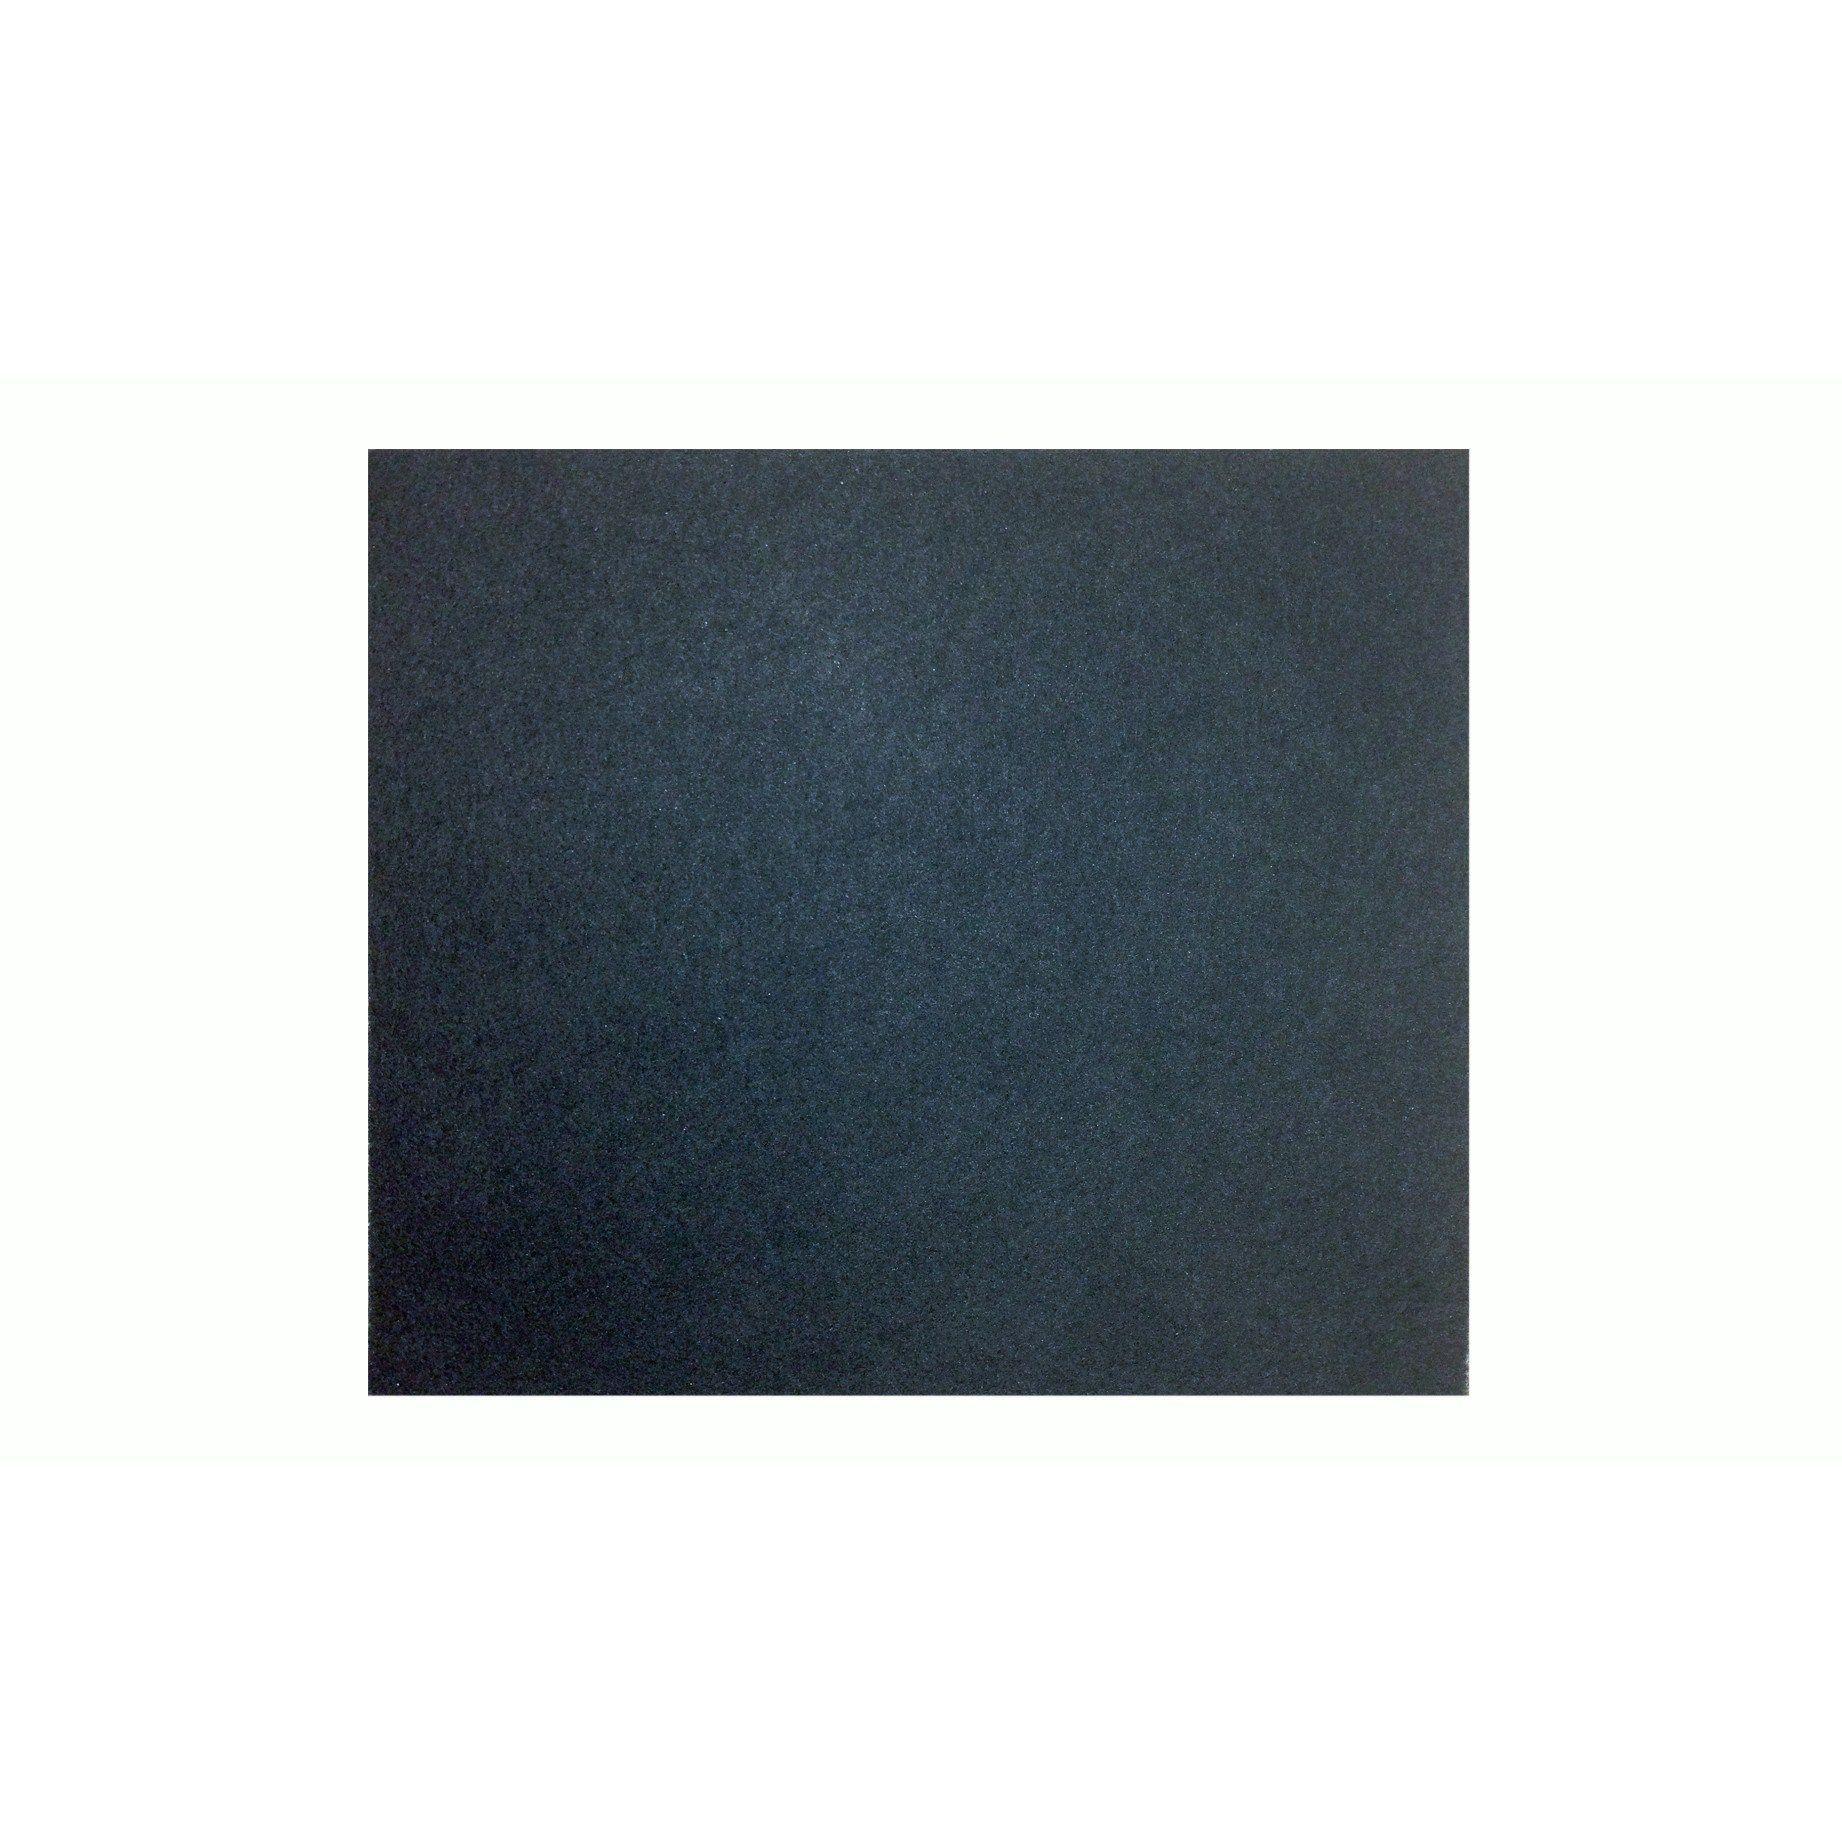 1 idylis air purifier carbon prefilter type d part no